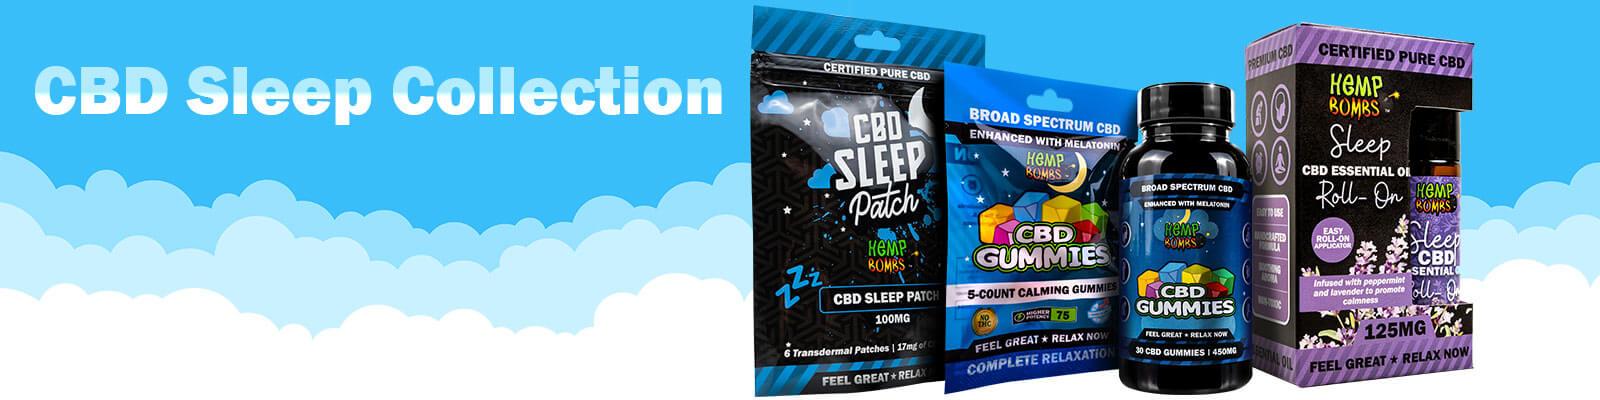 Hemp Bombs CBD for Sleep Collection